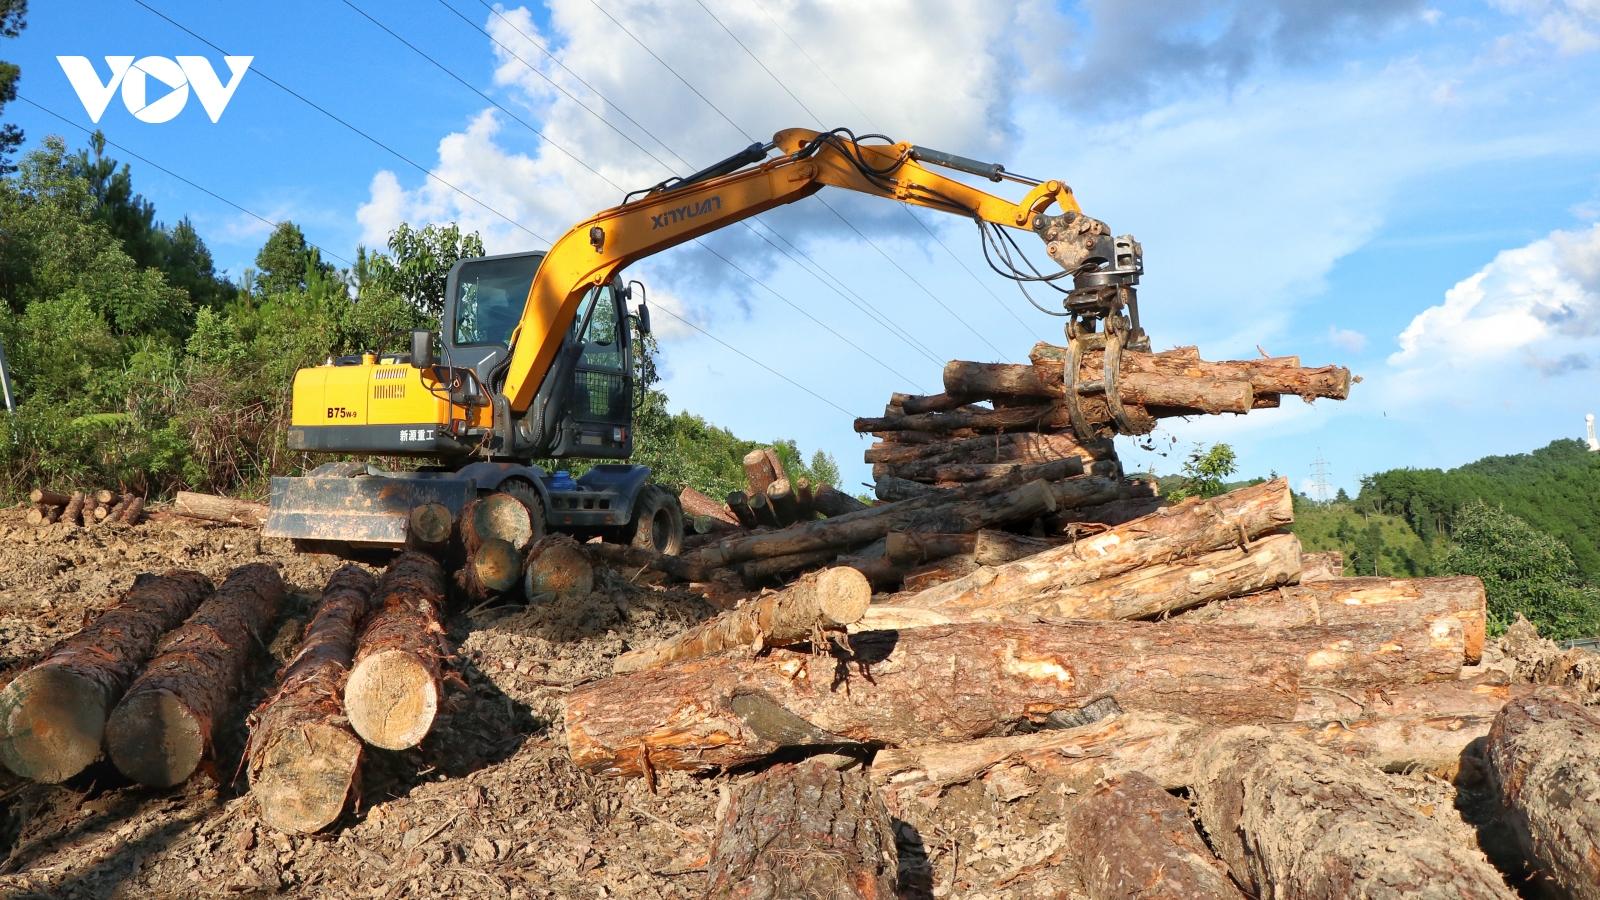 Được quy hoạch rừng phòng hộ, rừng thông trên đỉnh Pha Đin vẫn bị khai thác thác trái phép